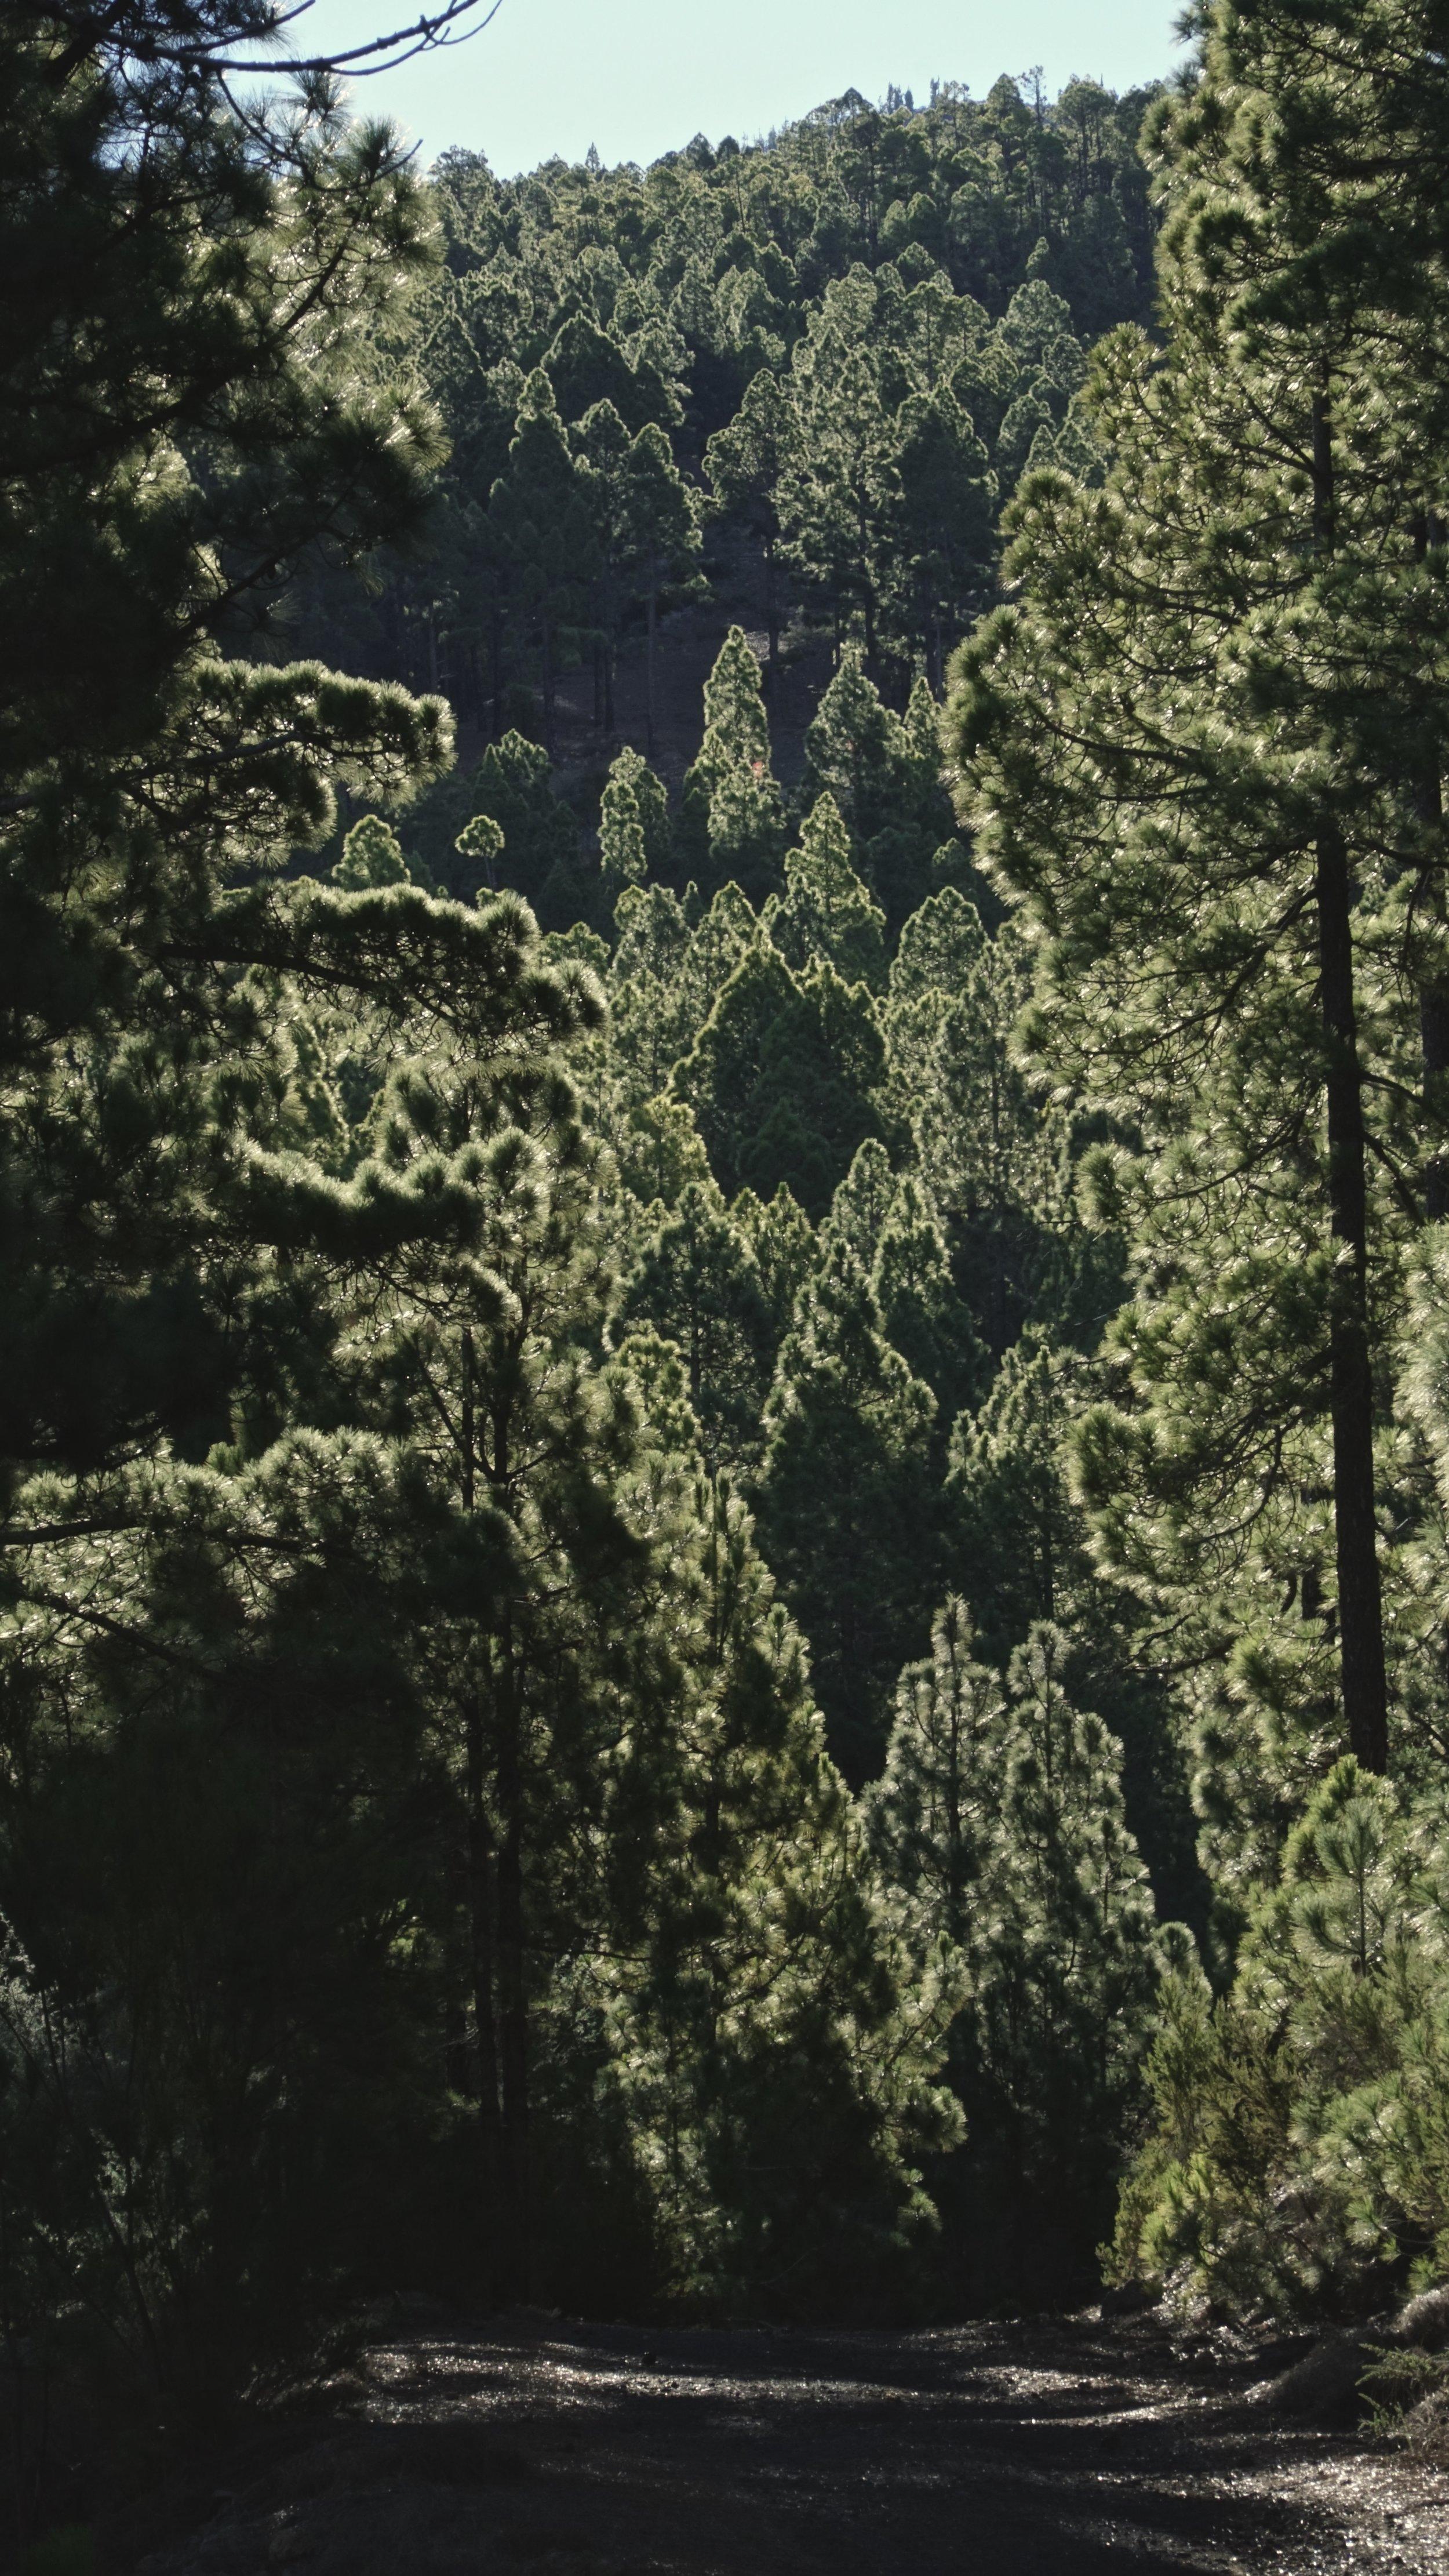 Modlys i fyrretræerne